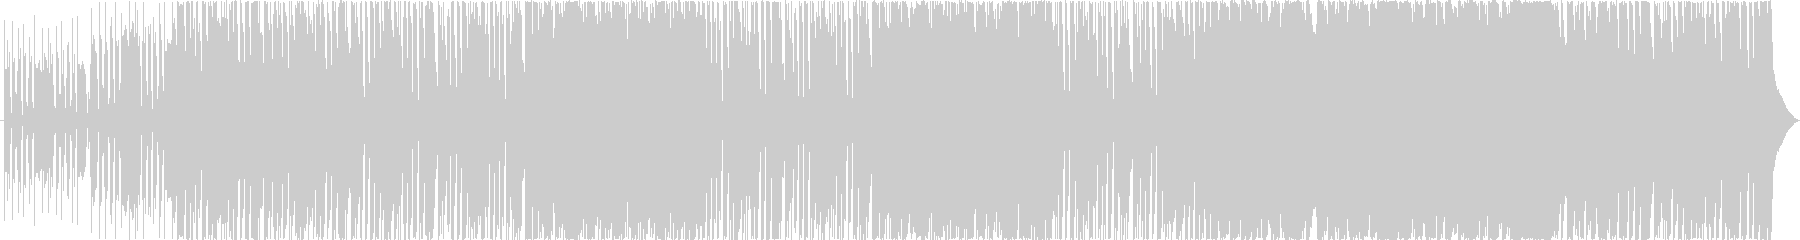 スピード感のあるミクスチャー系ロックの未再生の波形